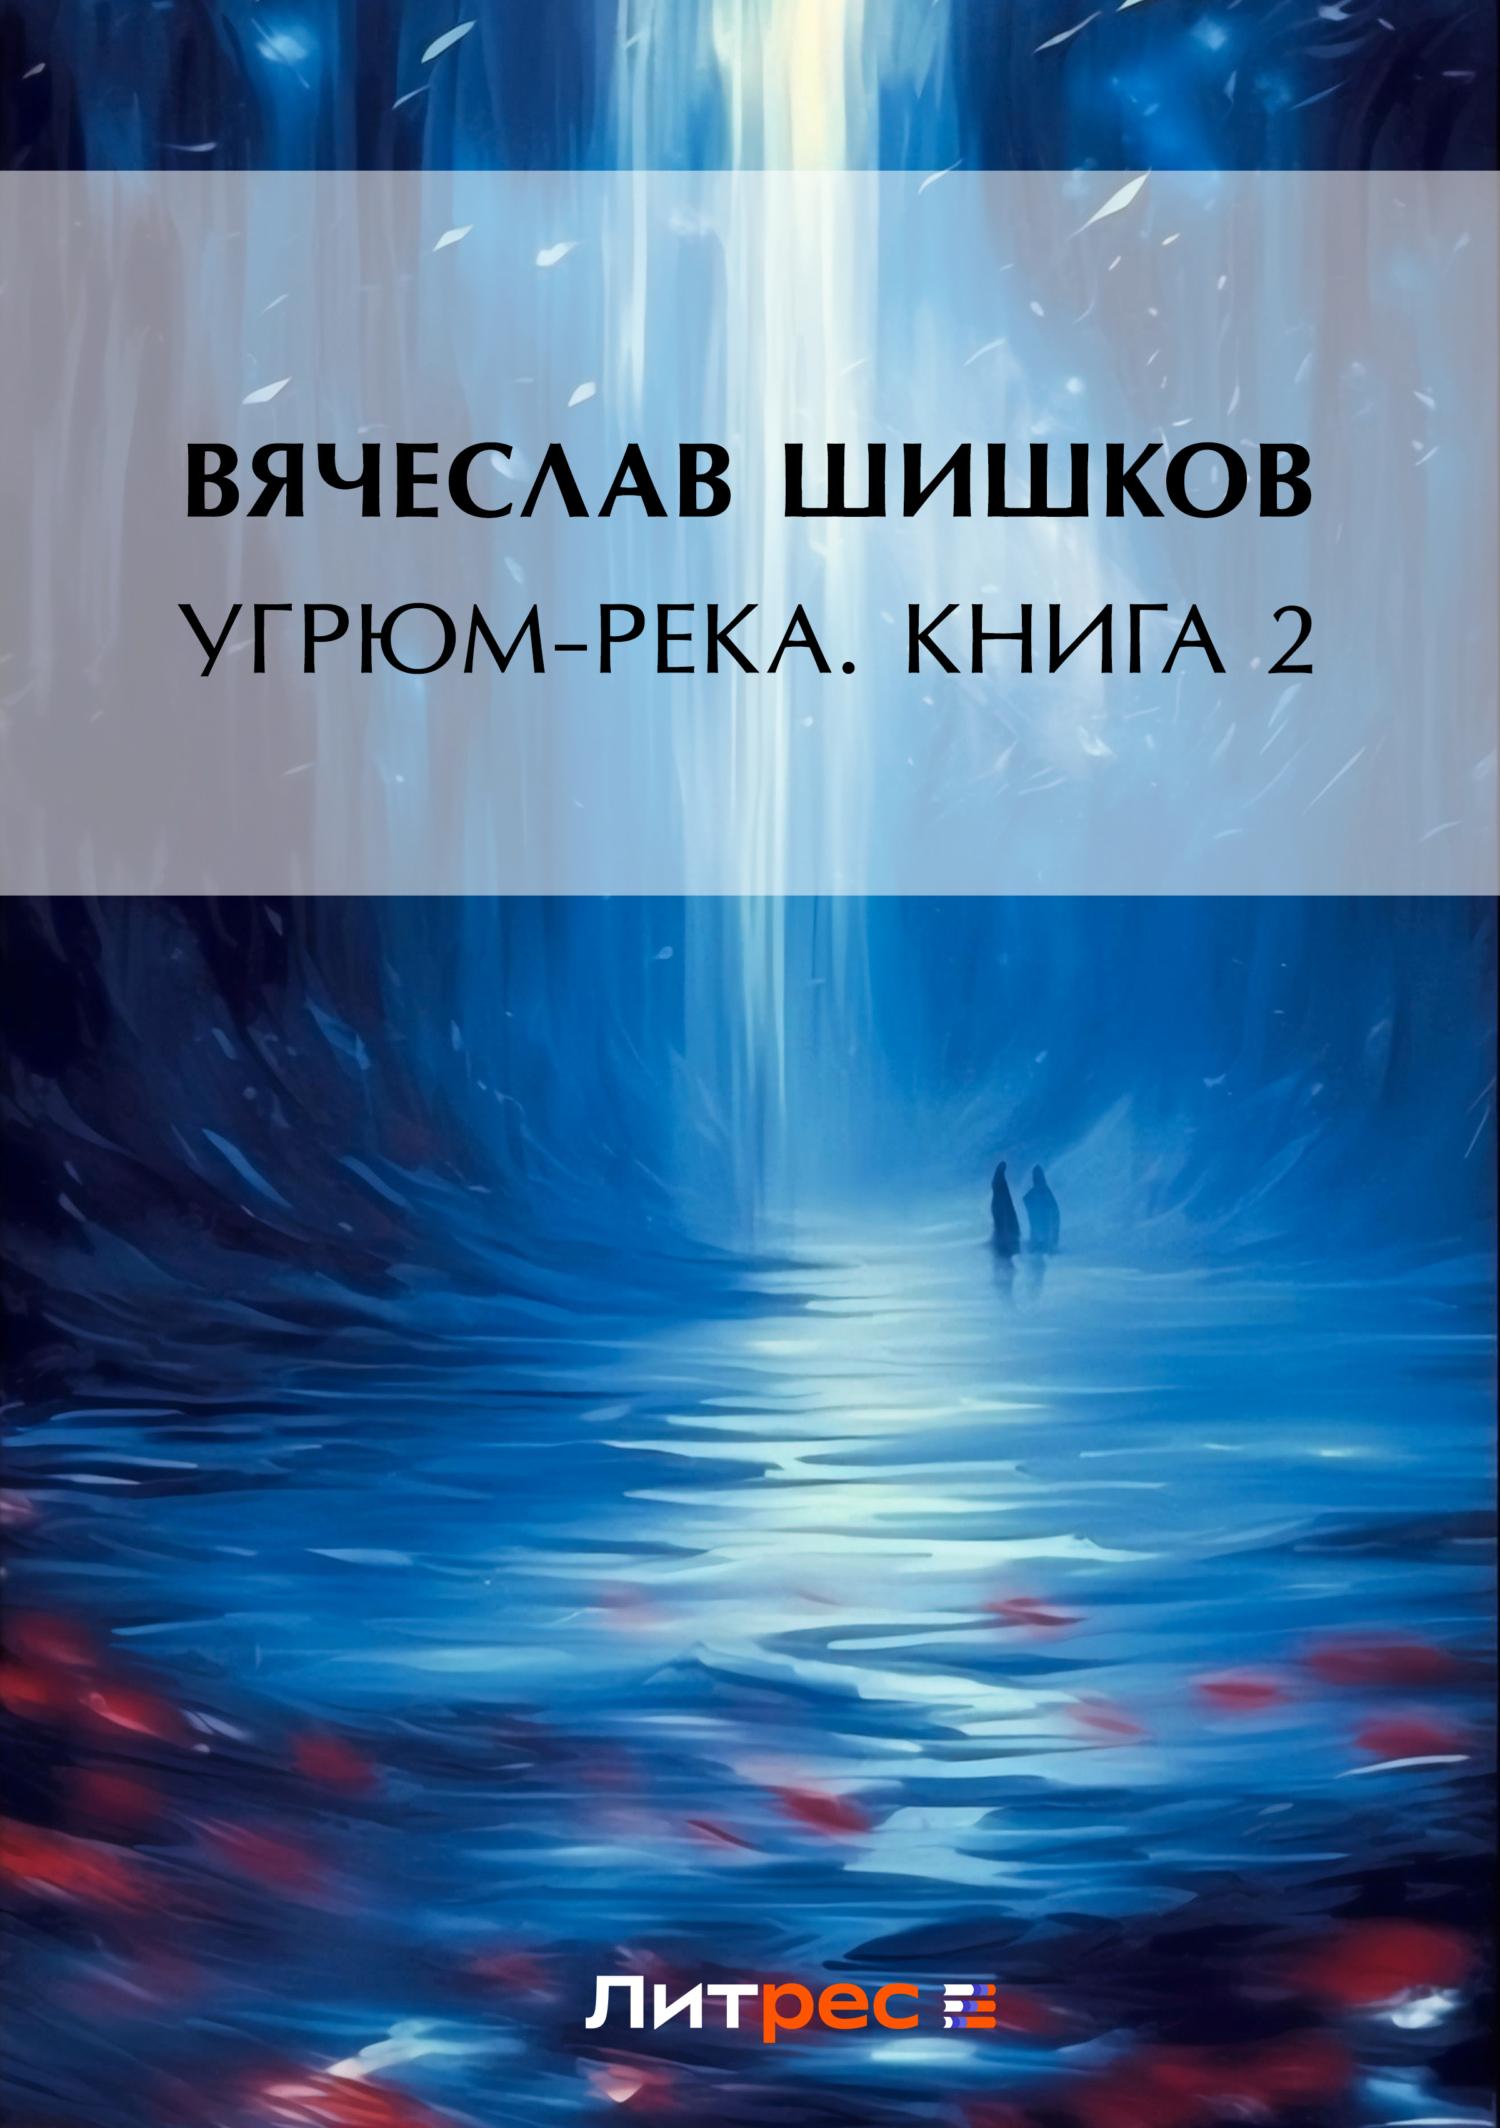 Вячеслав Шишков Угрюм-река. Книга 2 вячеслав шишков странники